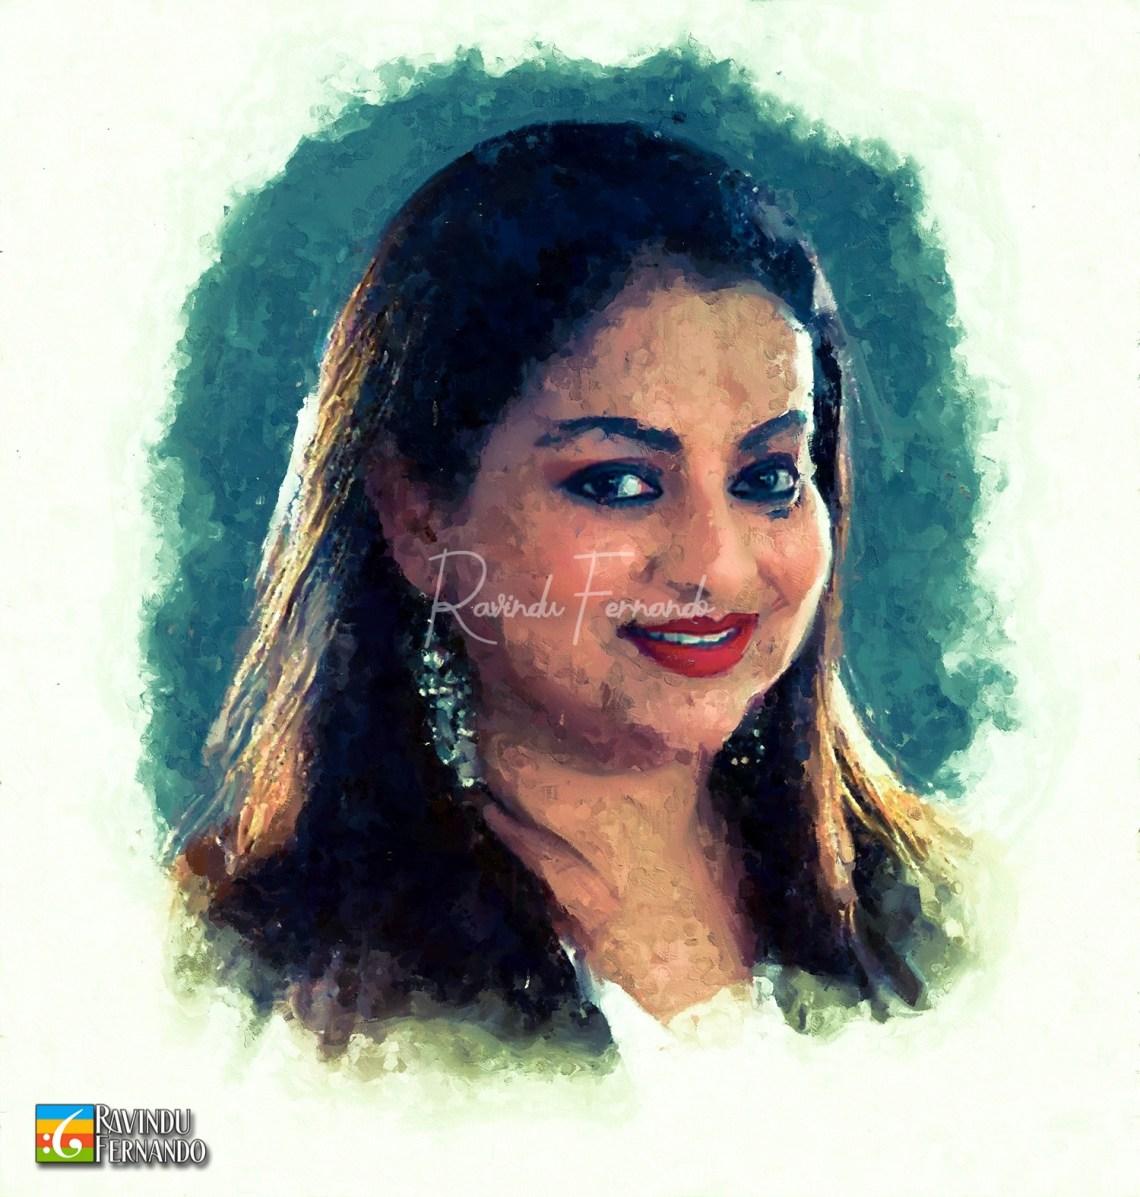 Samitha Mudunkotuwa Digital Oil Painting by Ravindu Fernando